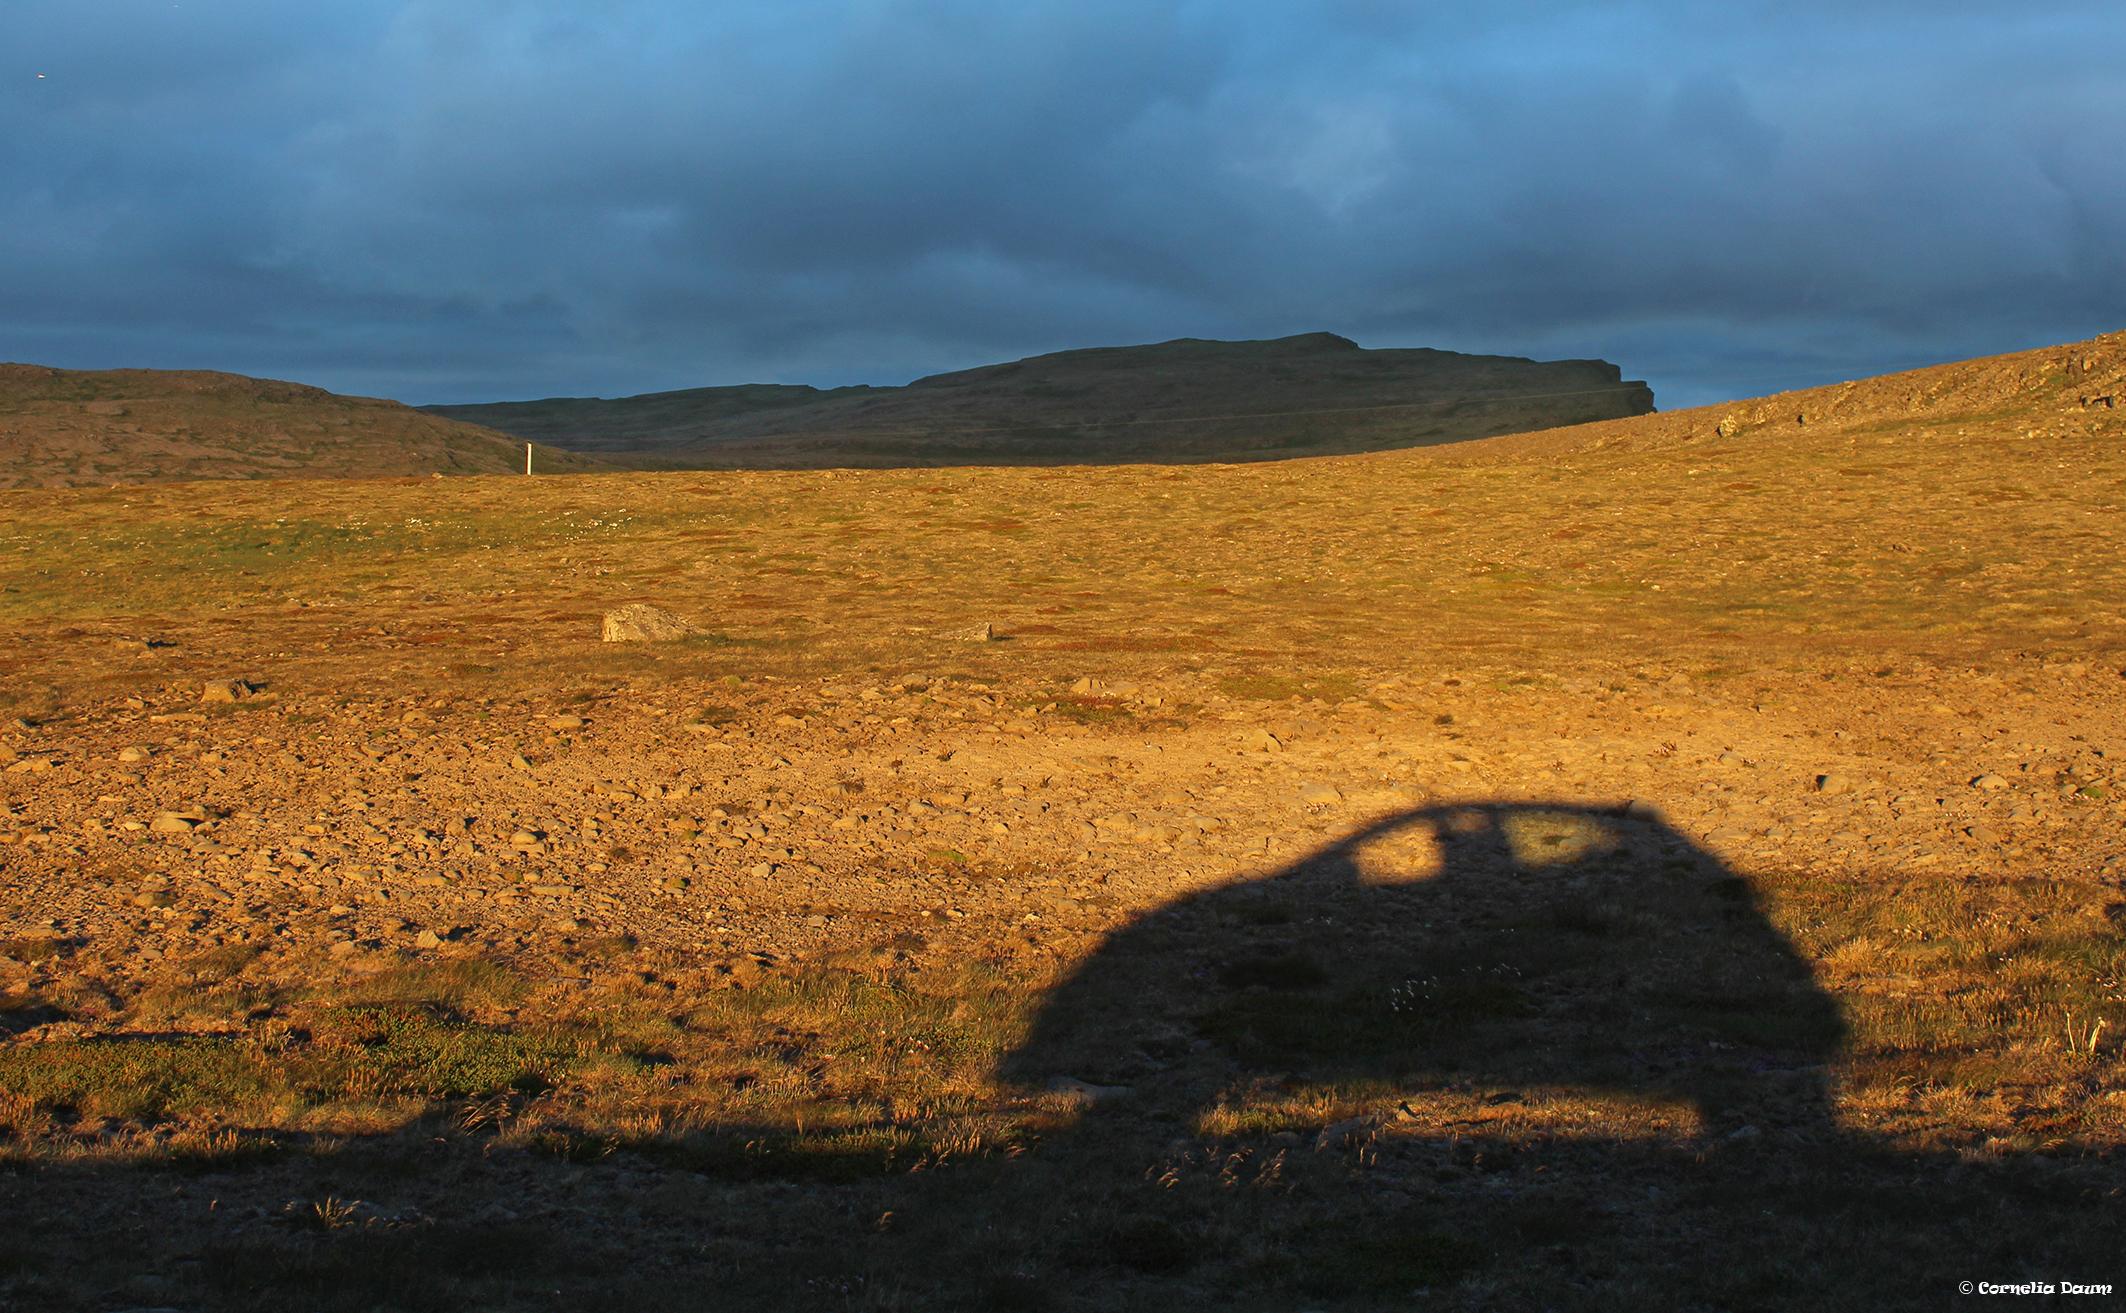 在冰岛自驾自由行让您可以完全自己掌握旅行节奏,享受说走就走的旅程